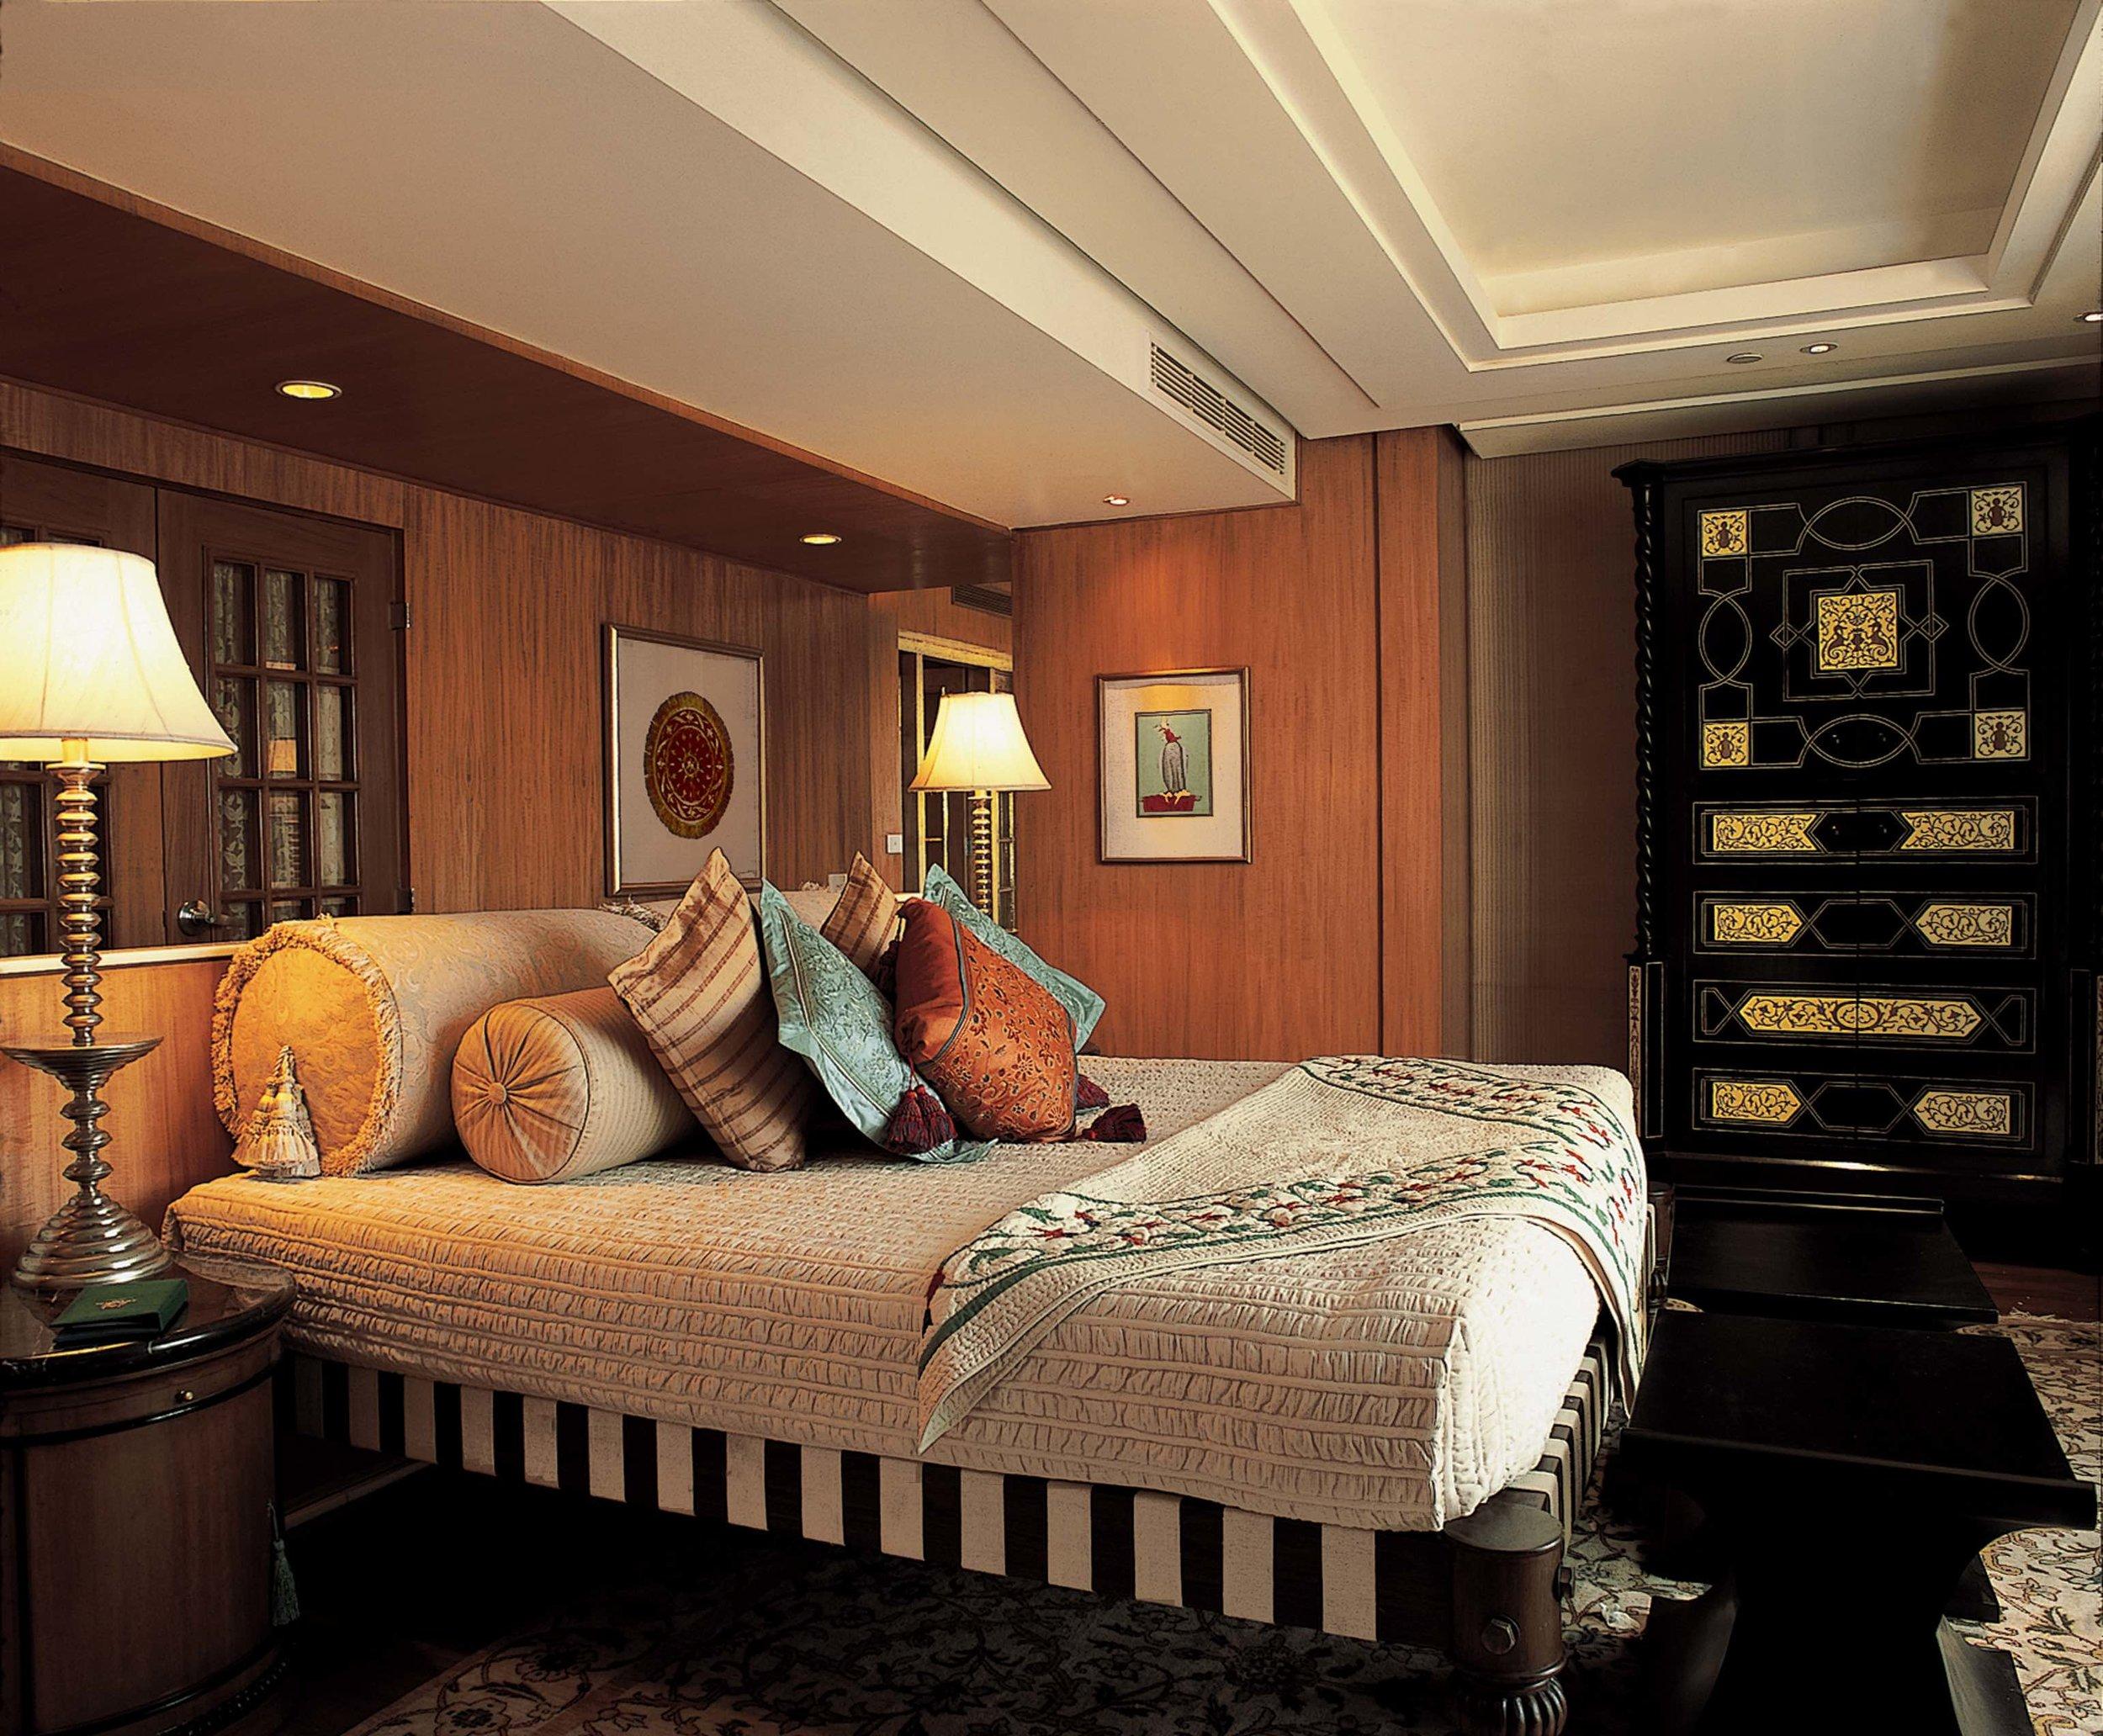 007-The Oberoi Amarvilas, Agra - Kohinoor Suite Bedroom.jpg